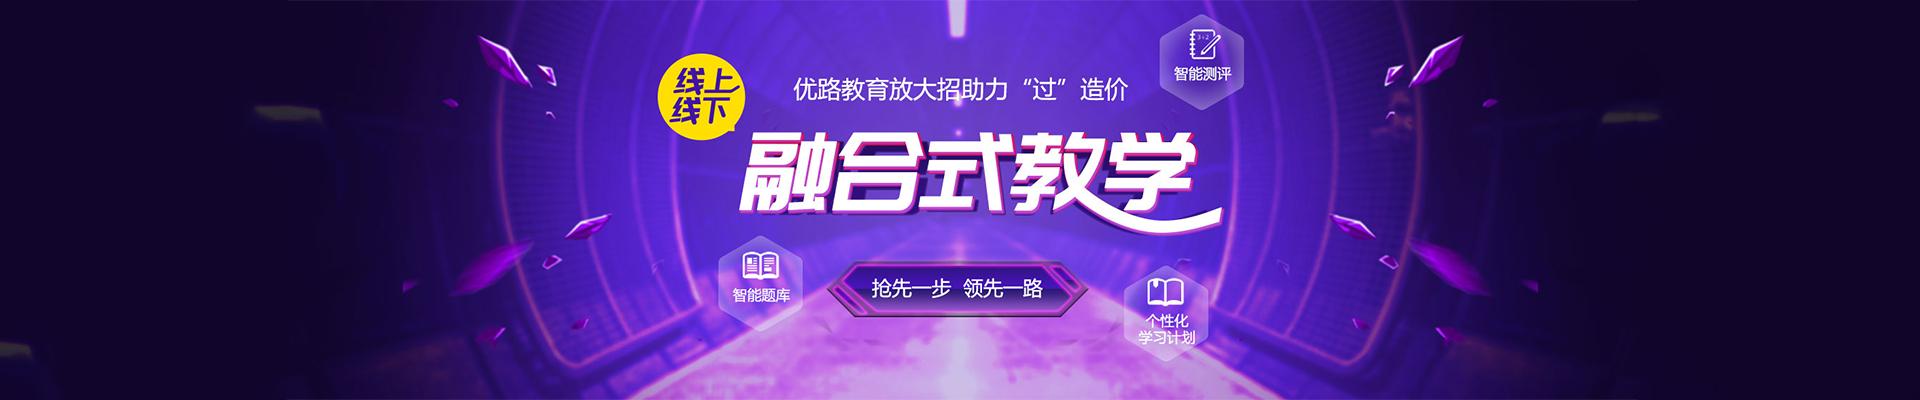 湖南岳阳优路教育培训学校